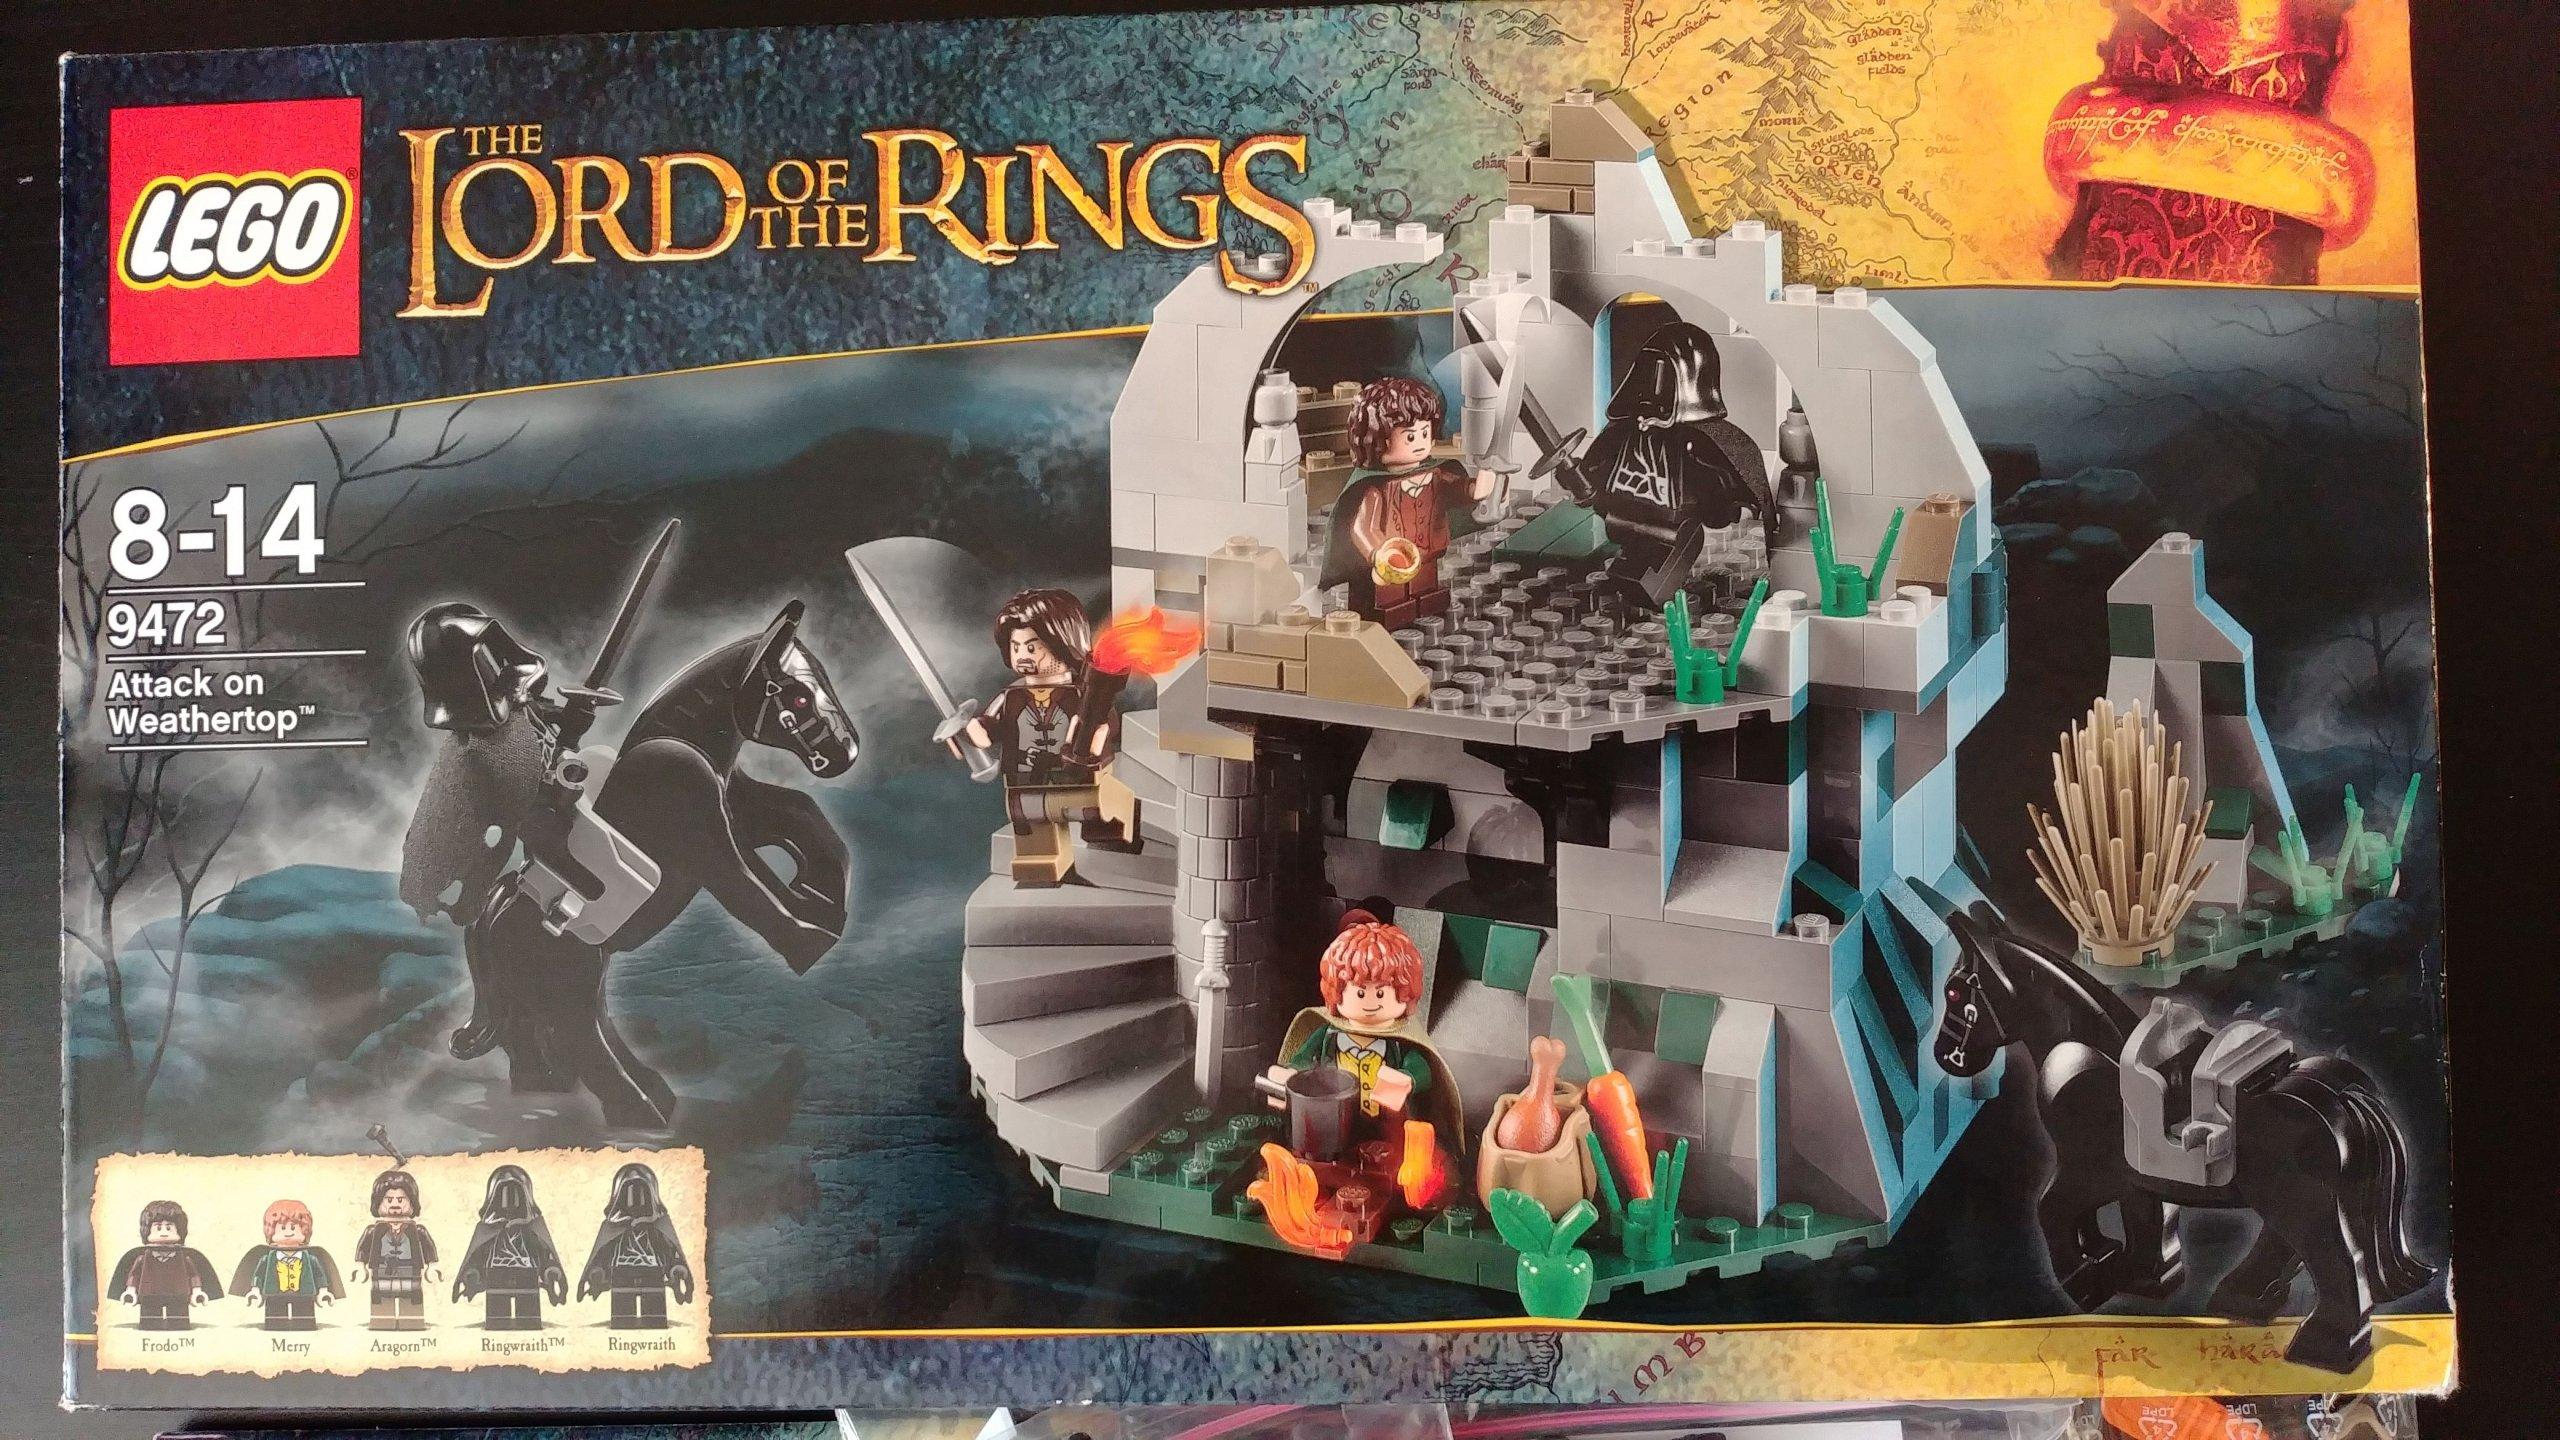 9472 Lego Lord Of The Rings Władca Pierścieni 7111754357